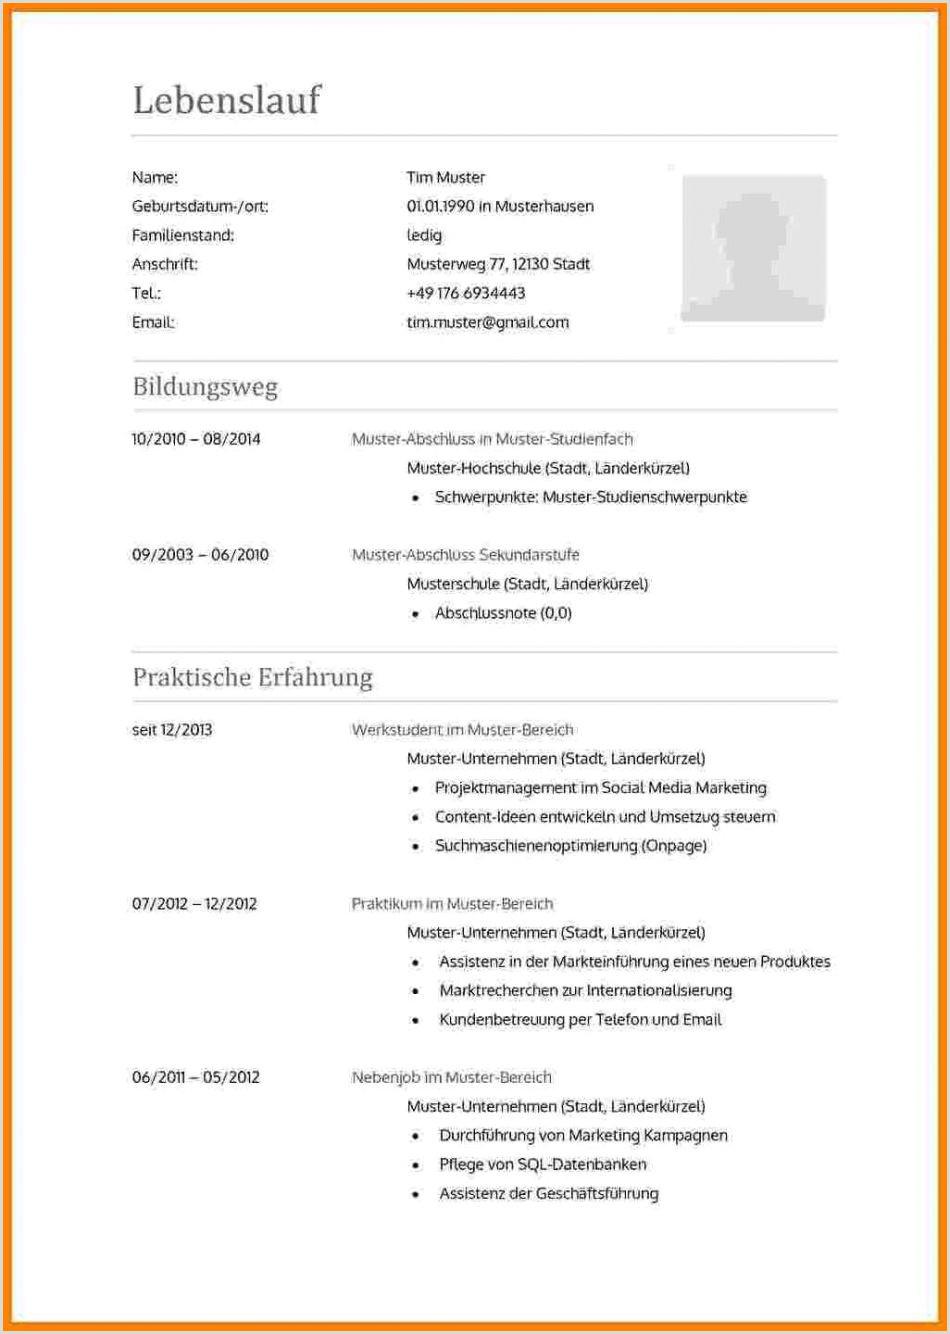 Lebenslauf Luxemburg Muster 15 Lebenslauf Beispiel Doc